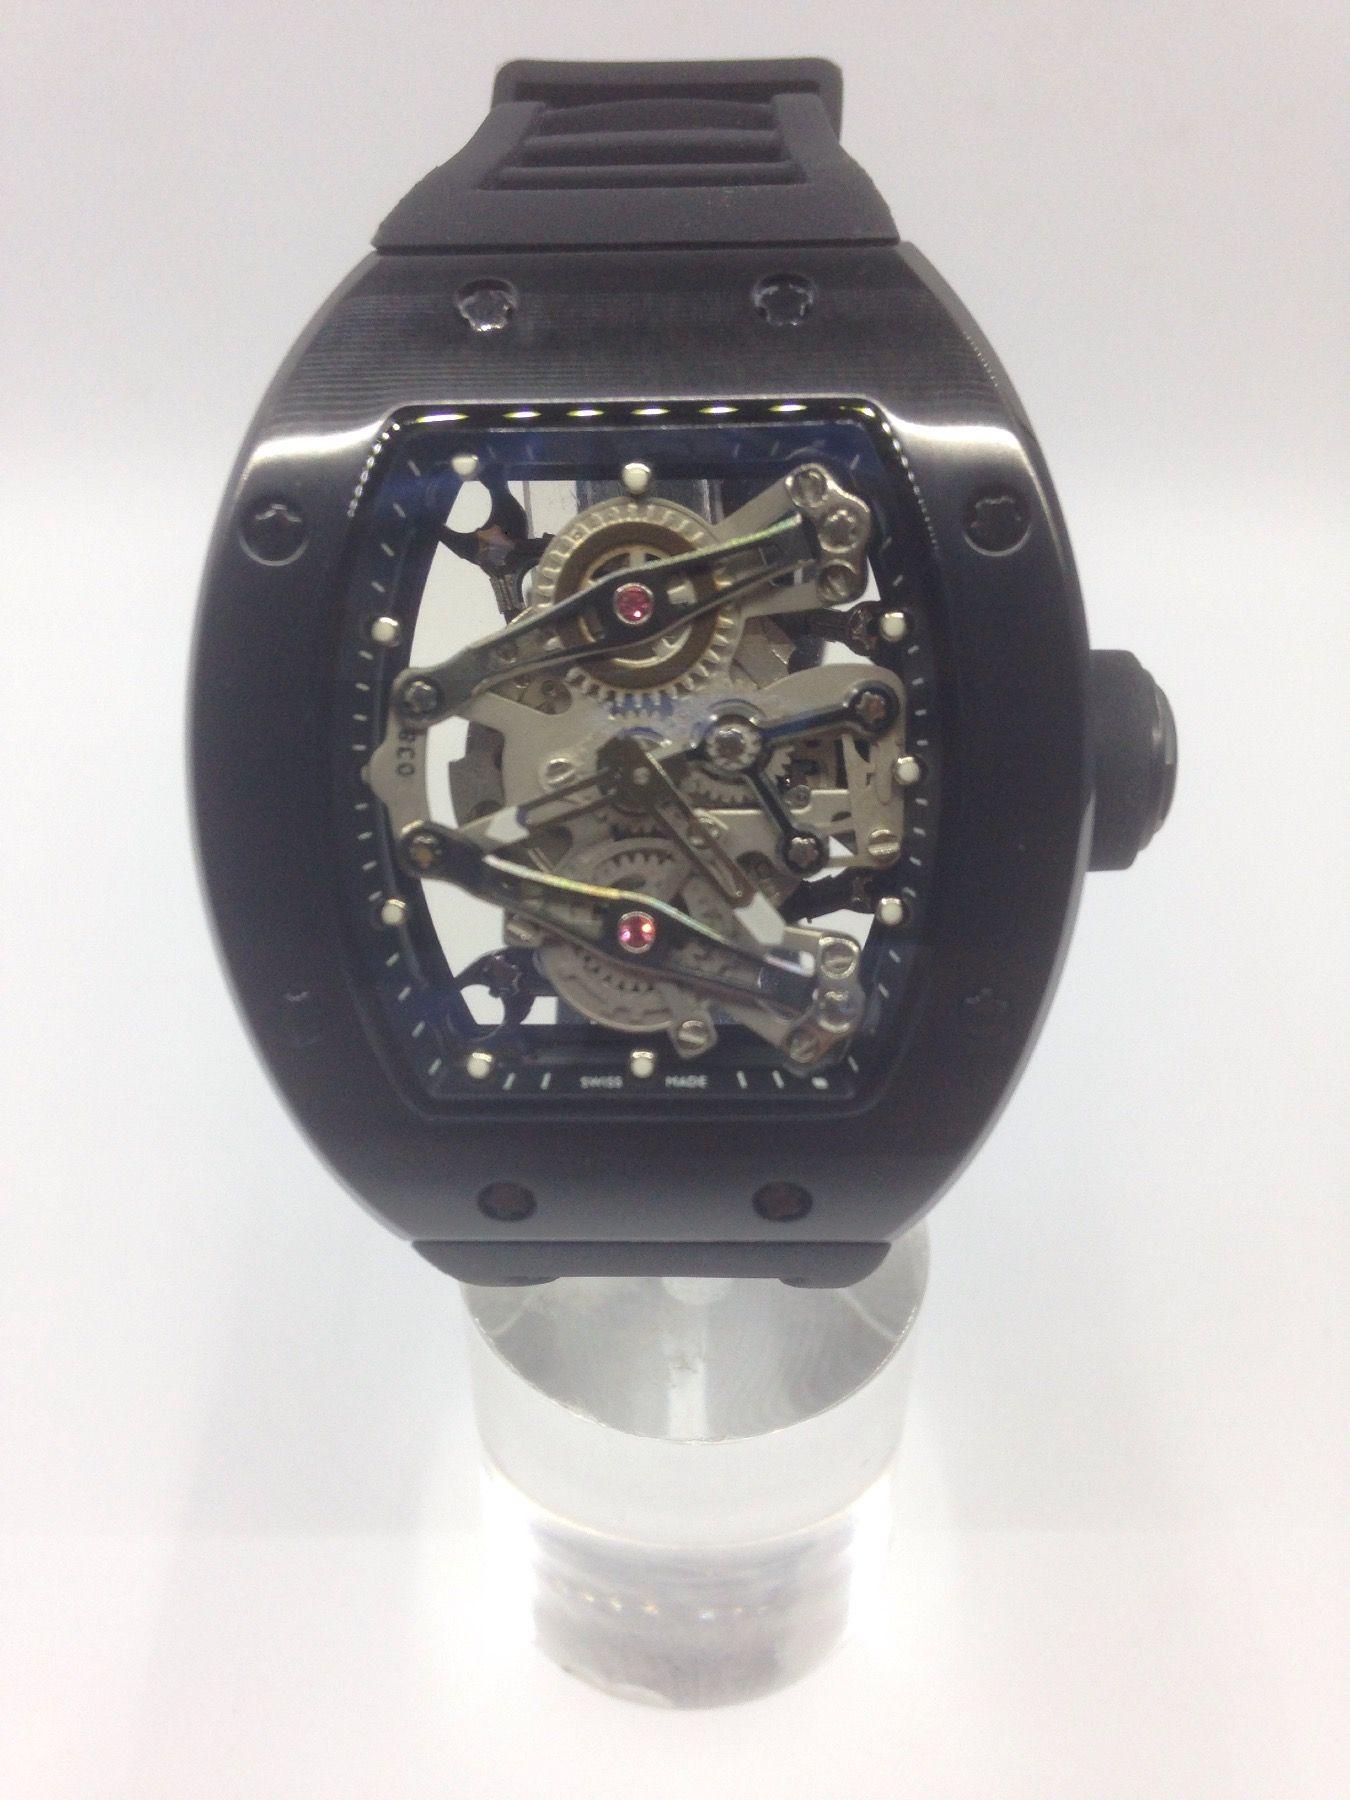 2016 nuovo modello OROLOGI LUXURY Fashion Watch NOVITÀ Full feature 45mm Hollow Tourbillon Orologio da polso da uomo nero cinturino automatico in caucciù